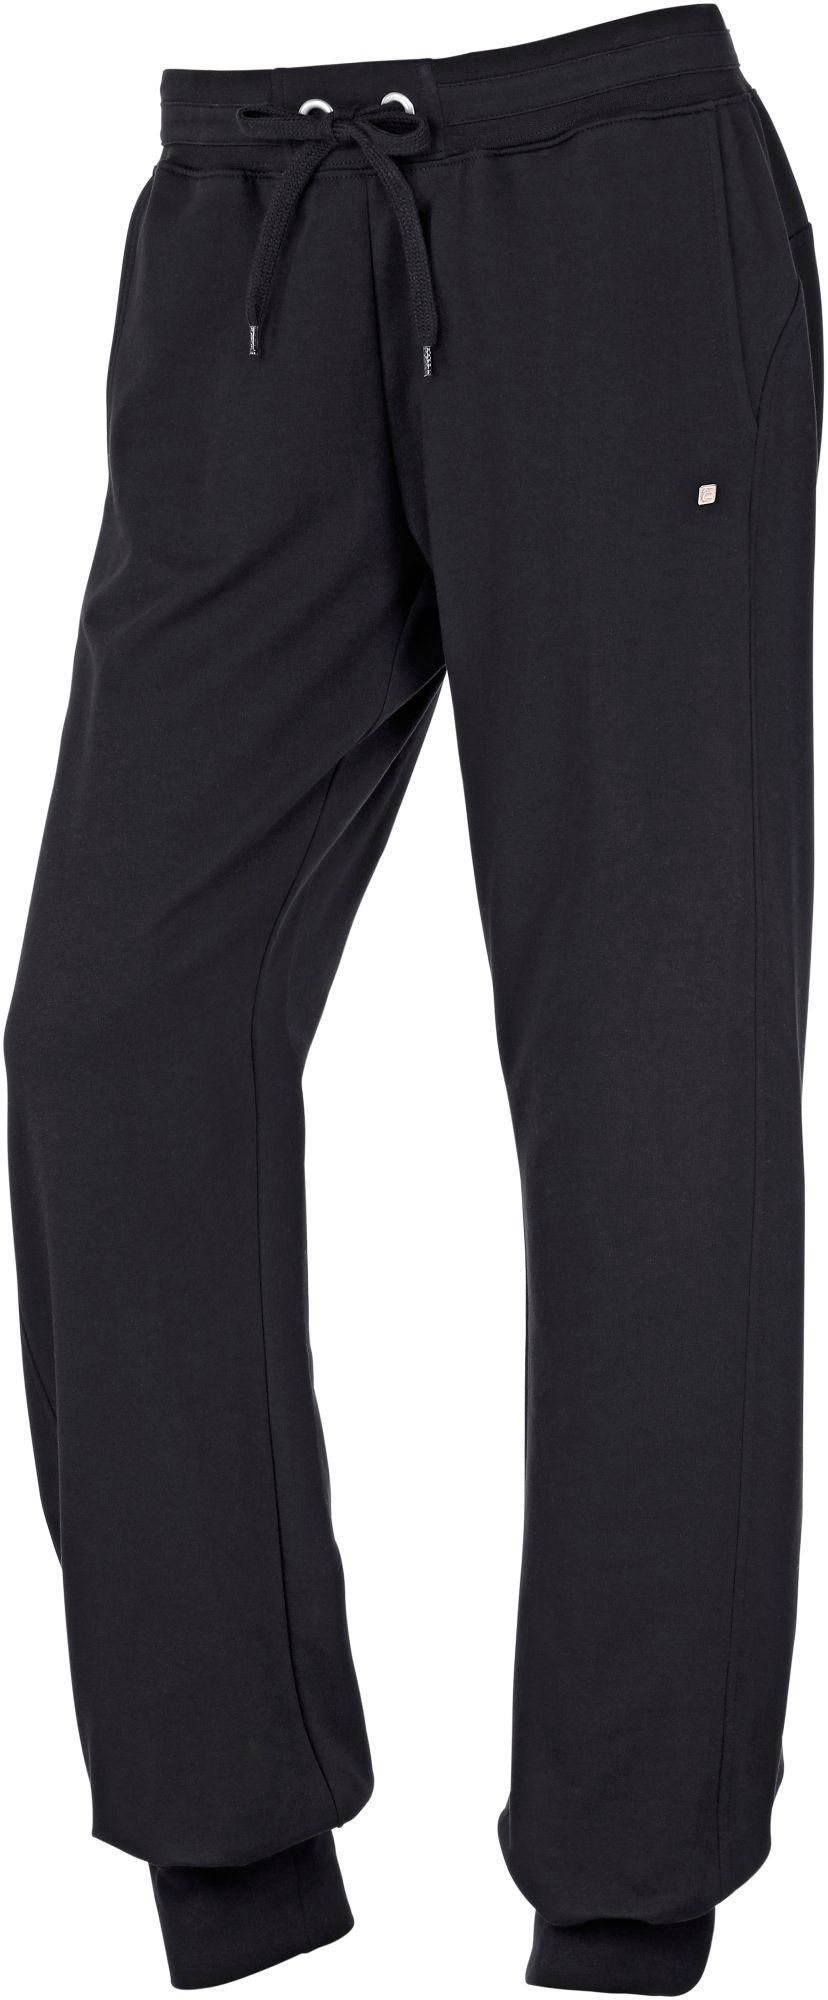 Marianne Trainingshose Damen in schwarz, Größe 40